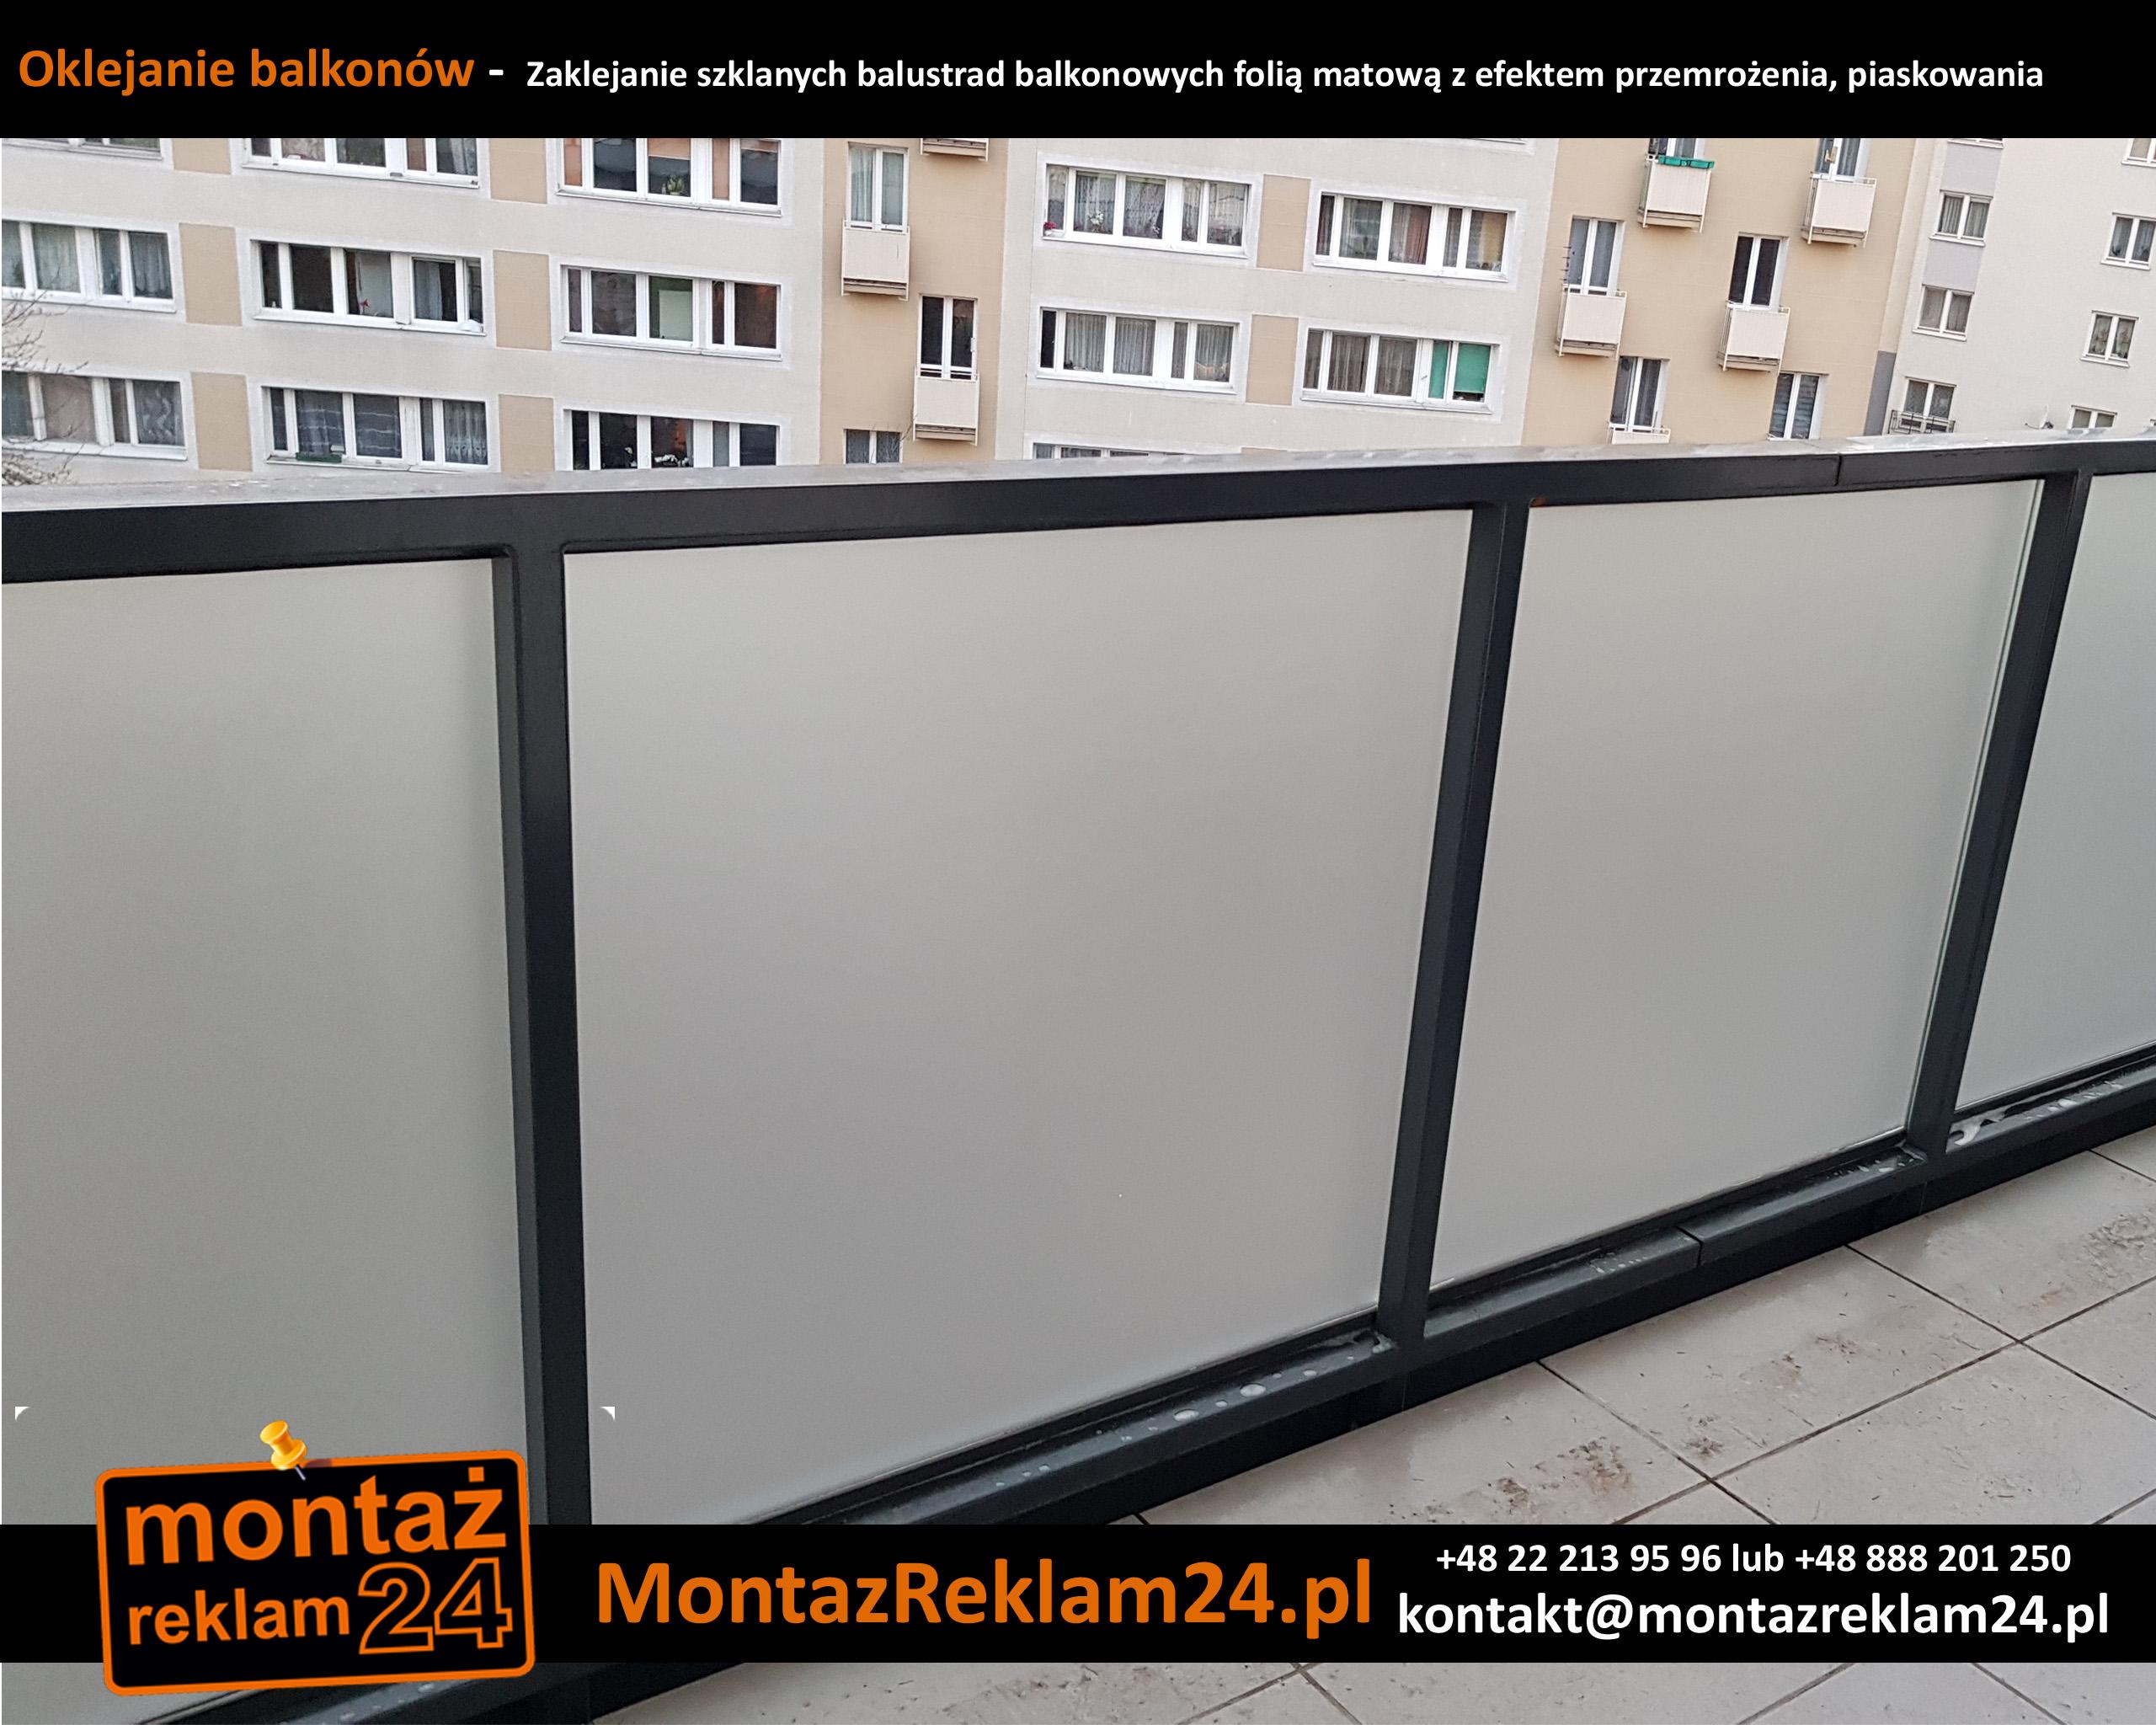 Oklejanie balkonów -  Zaklejanie szklanych balustrad balkonowych folią matową z efektem przemrożenia, piaskowania.jpg